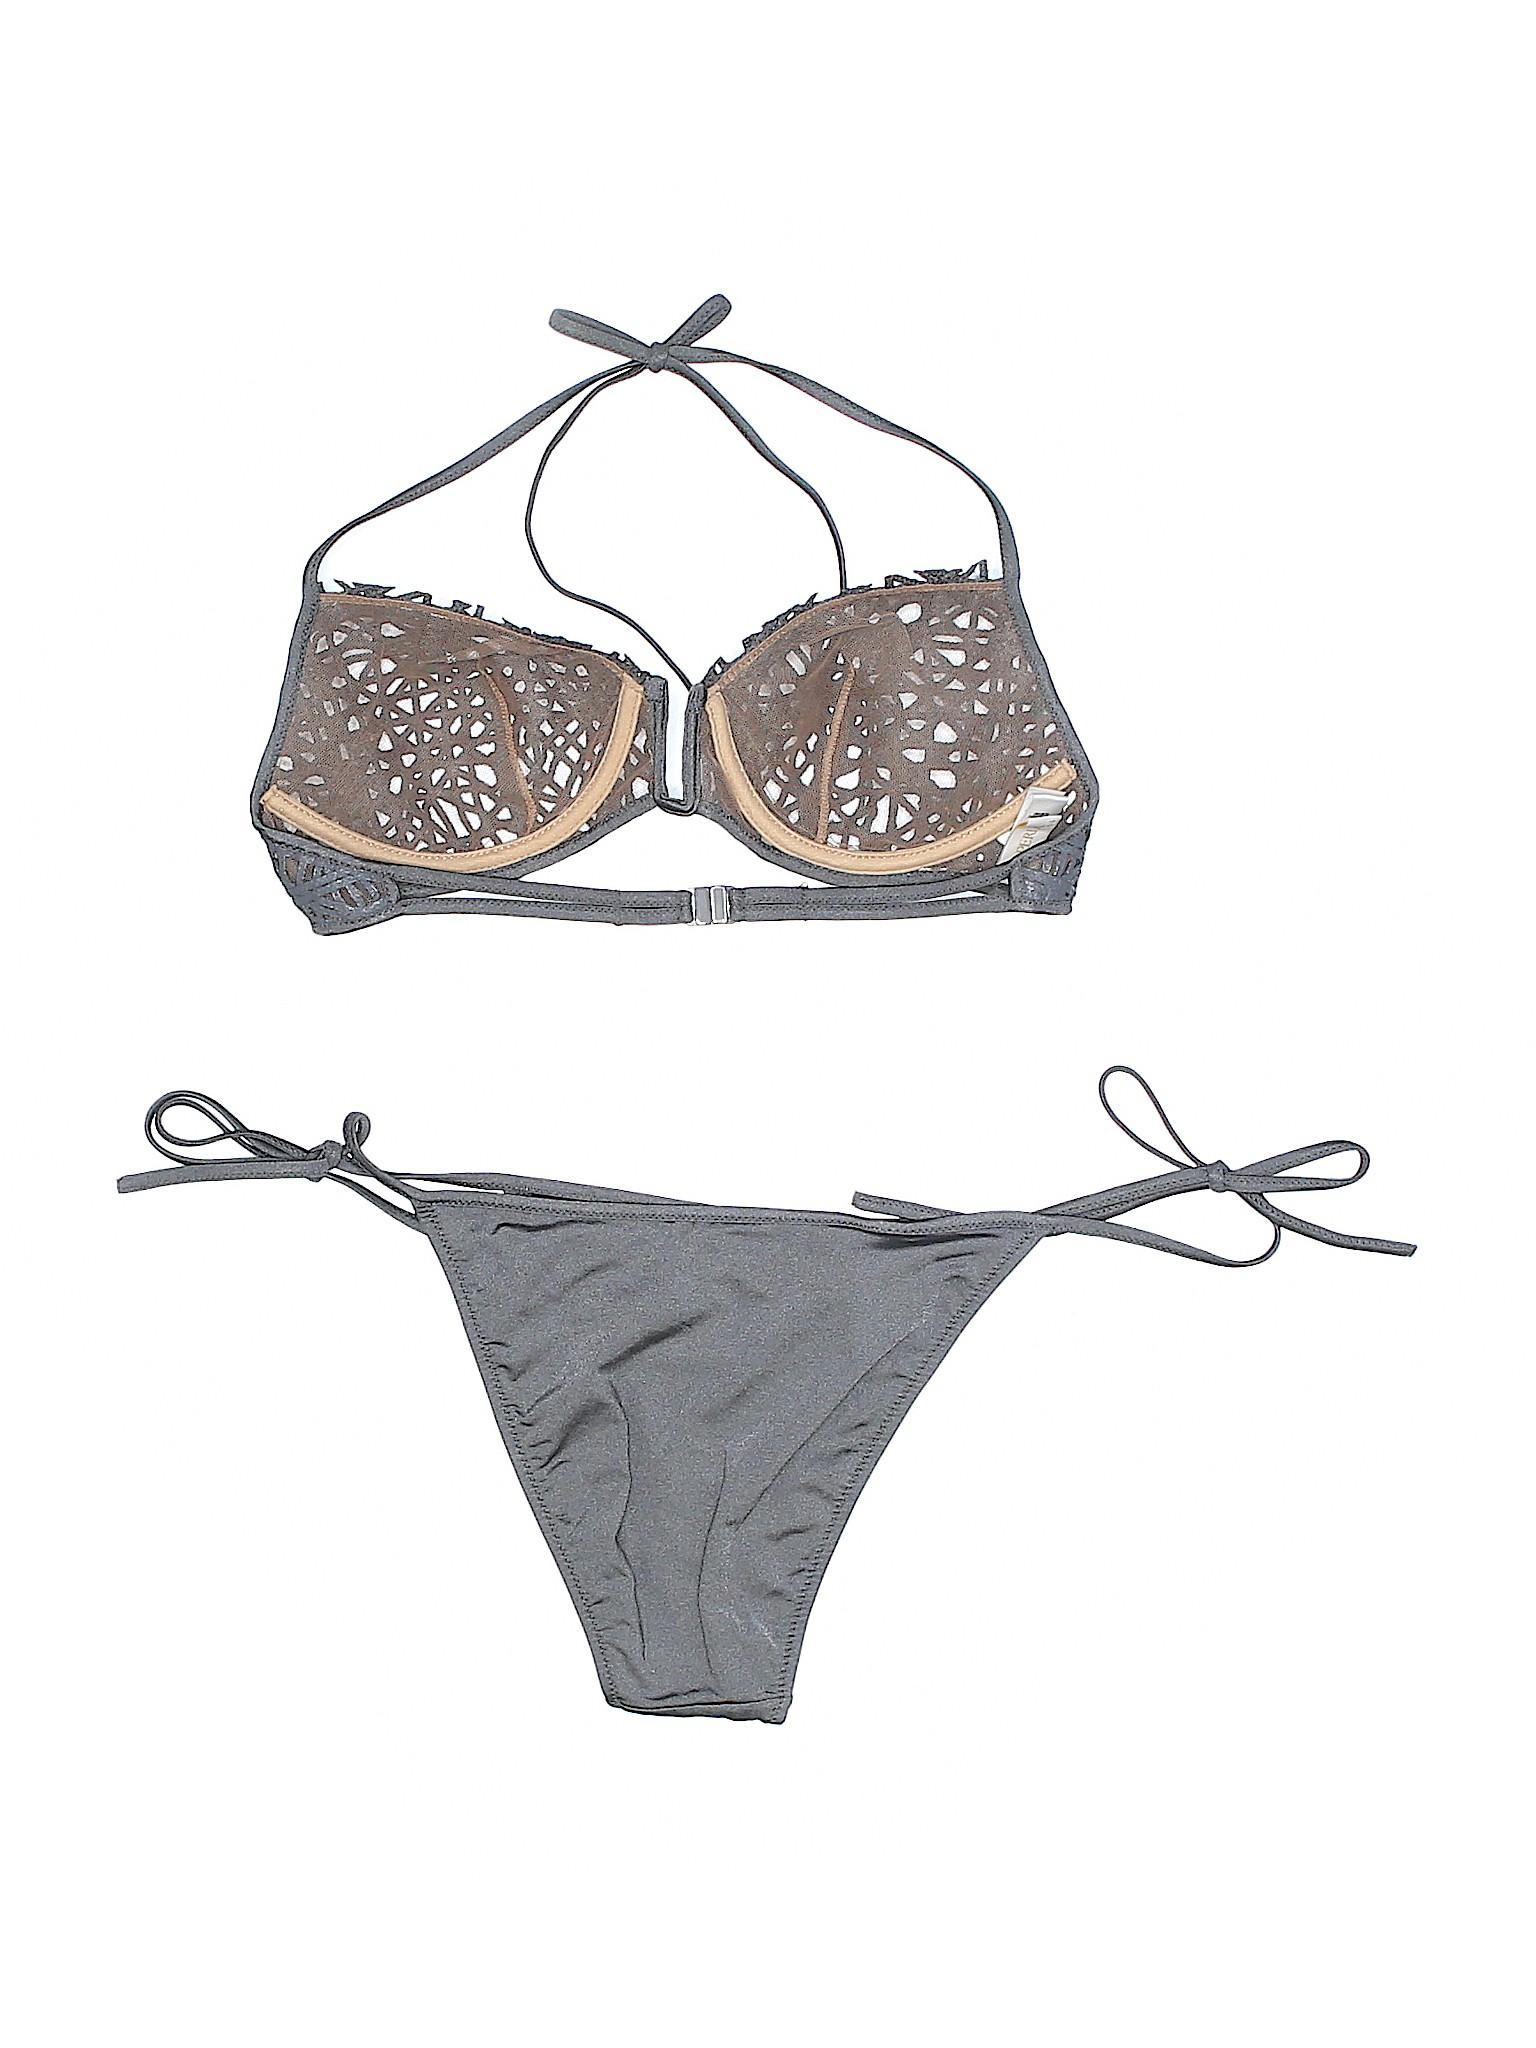 Perla Swimsuit Boutique Two La Piece zwHqx5O1